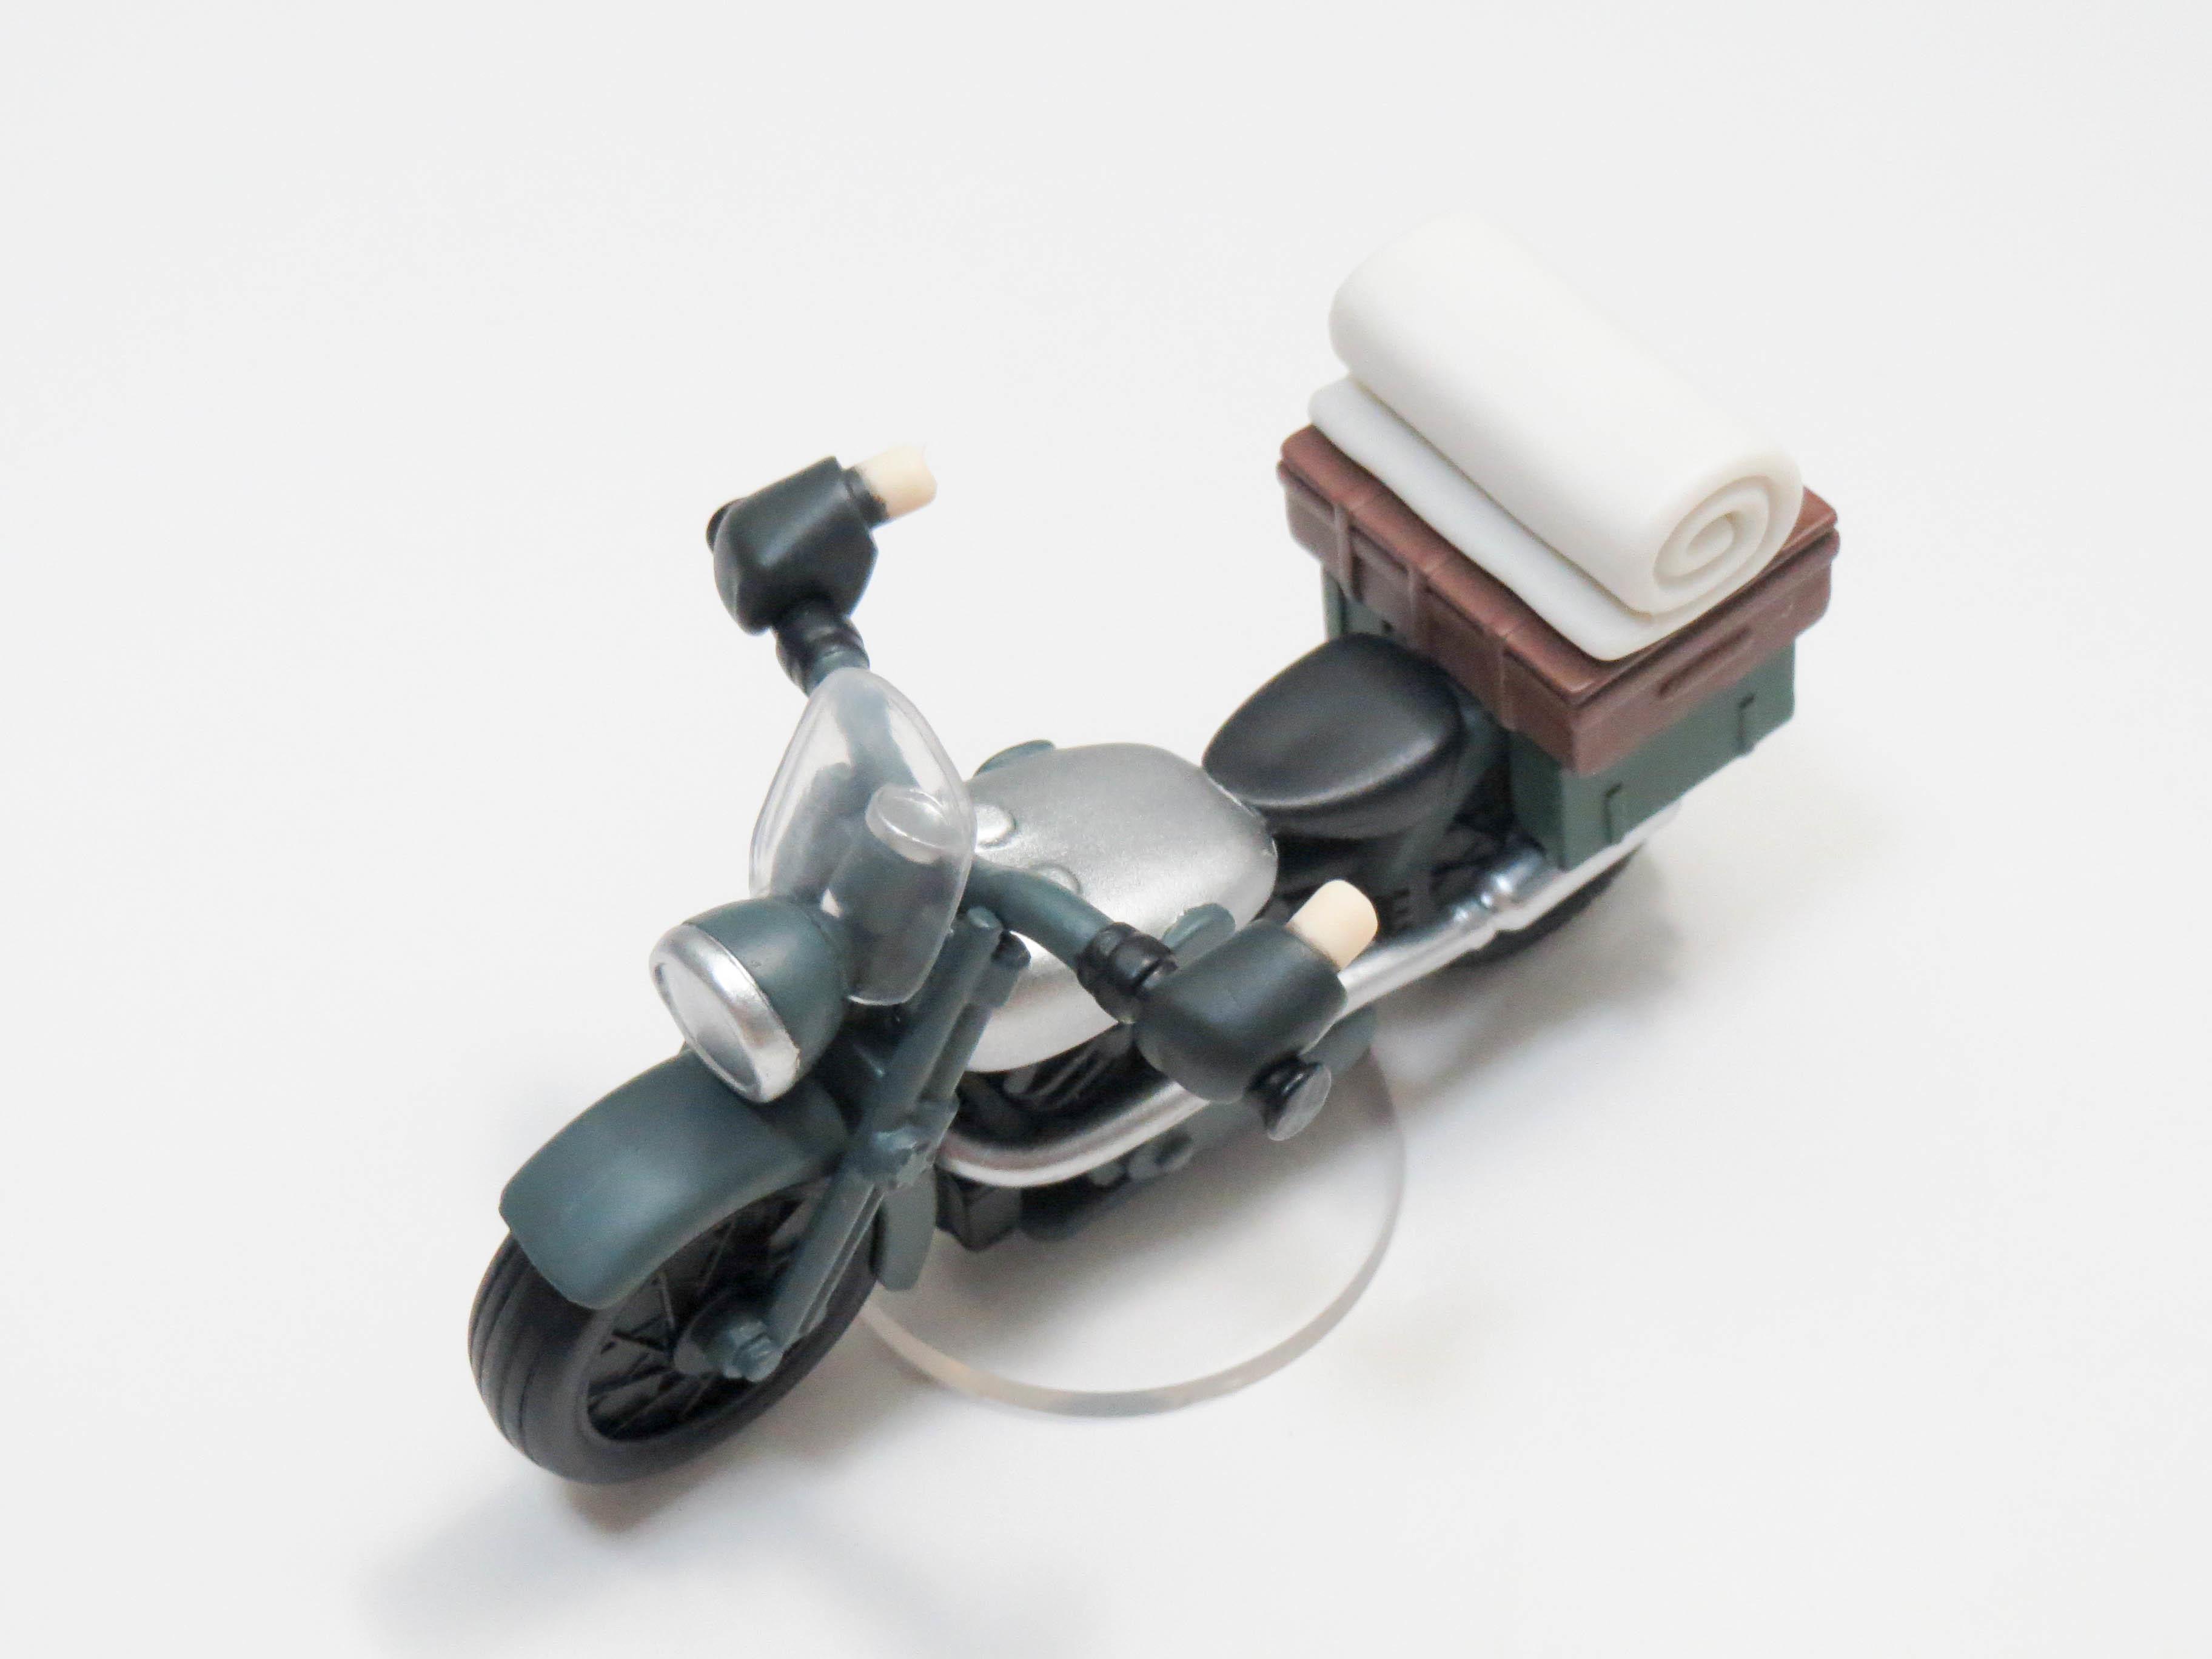 再入荷【890】 キノ 小物パーツ 二輪車(エルメス) ねんどろいど